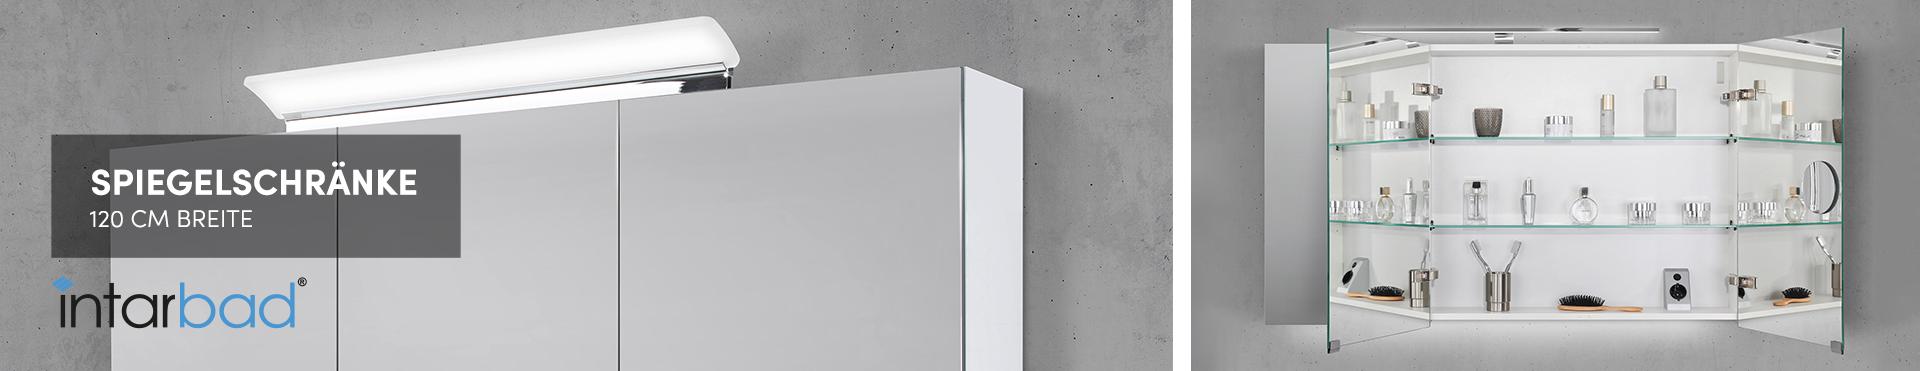 120 cm Spiegelschränke